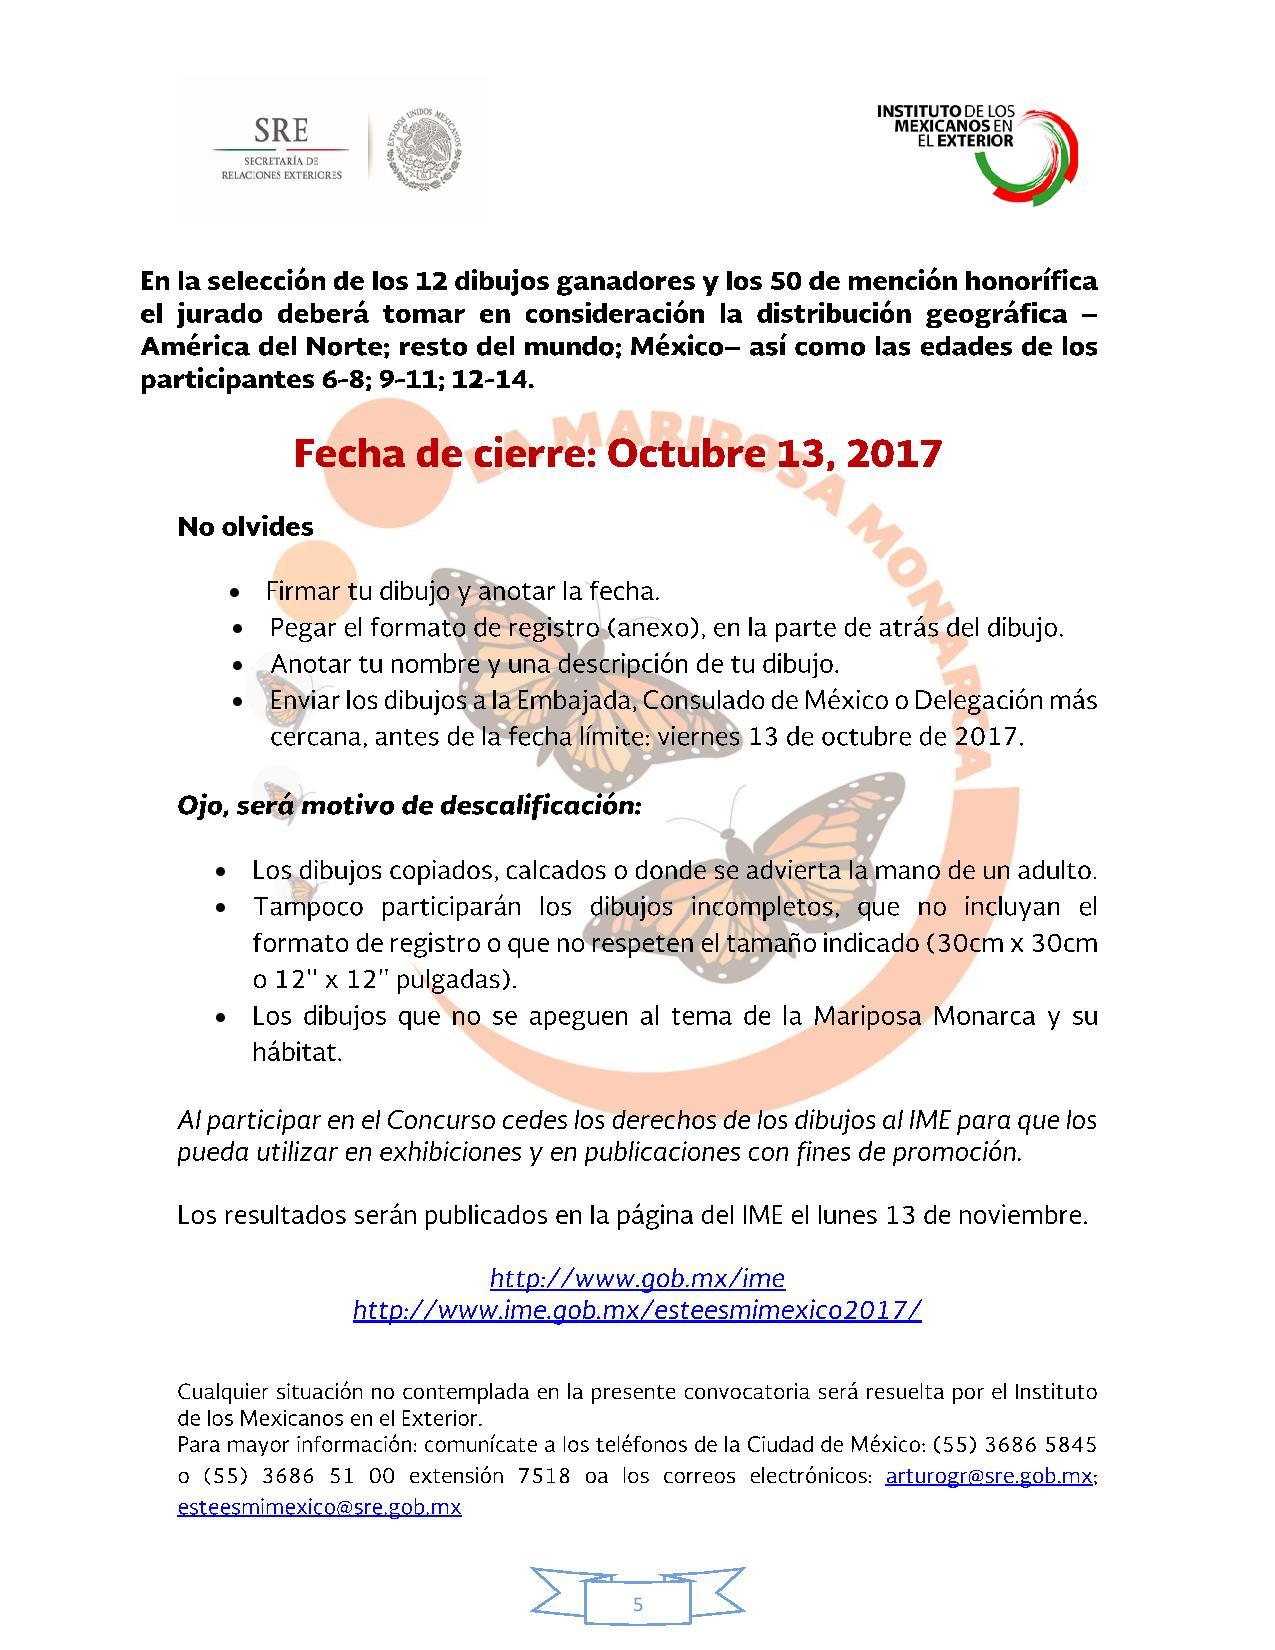 Konkurs rysunkowy dla dzieci concurso de dibujo infantil - Concurso de dibujo 2017 ...